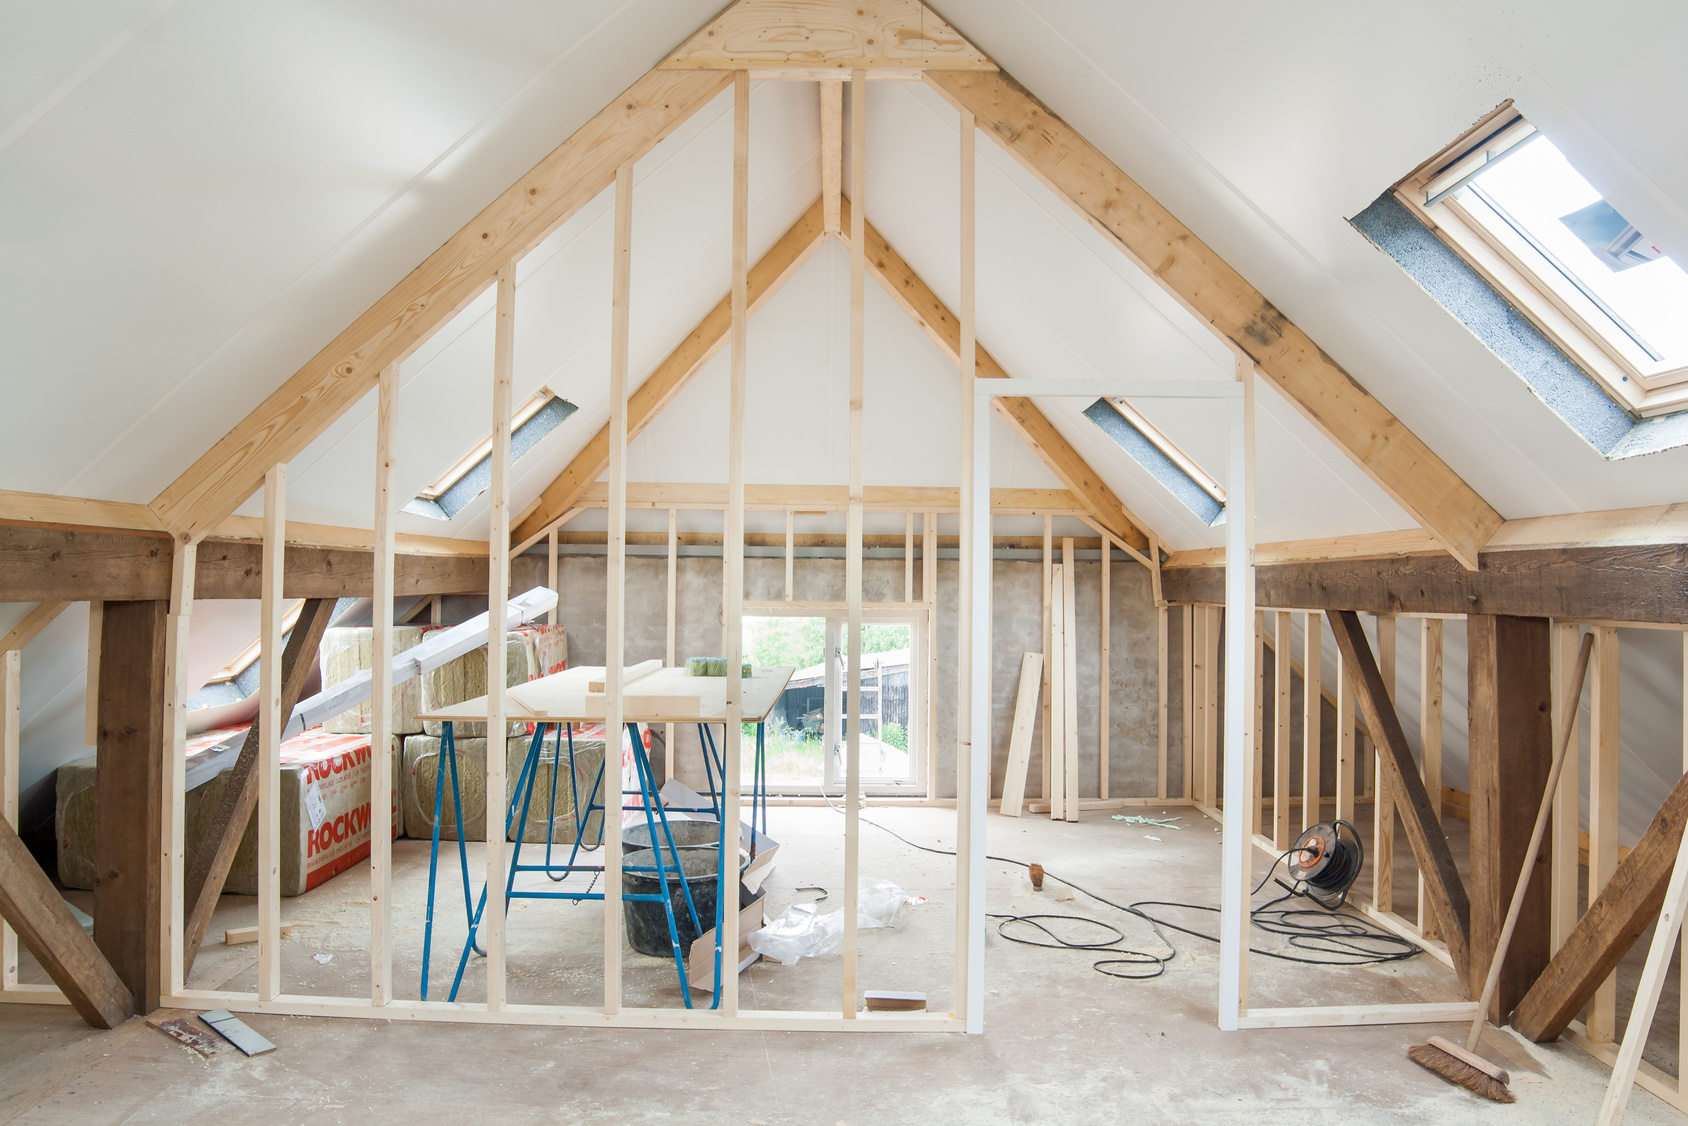 Budget nécessaire pour la rénovation entière d'une maison